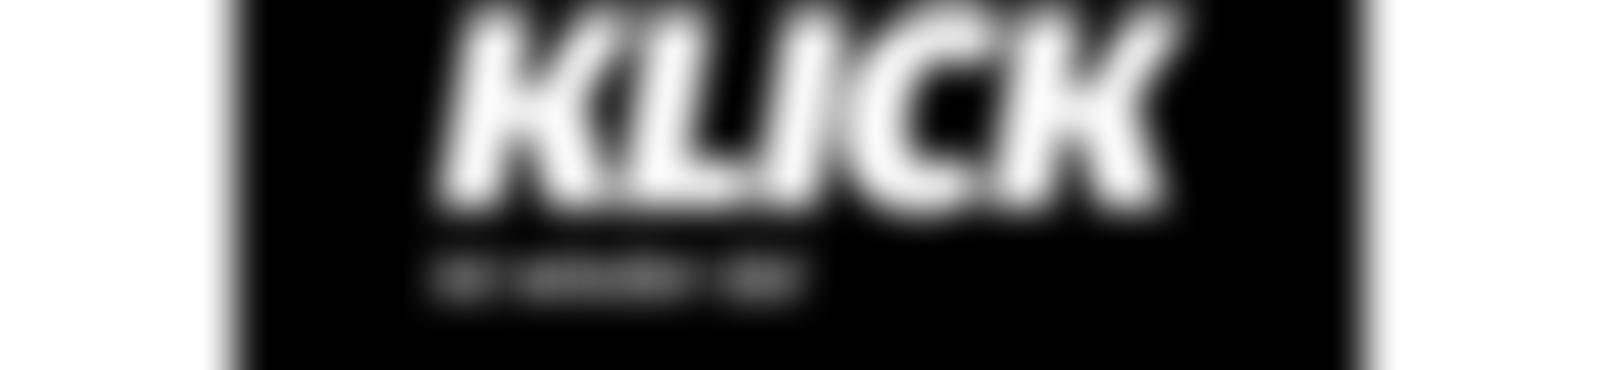 Blurred 0e5aff8c f063 42ed ba10 c252f1783389